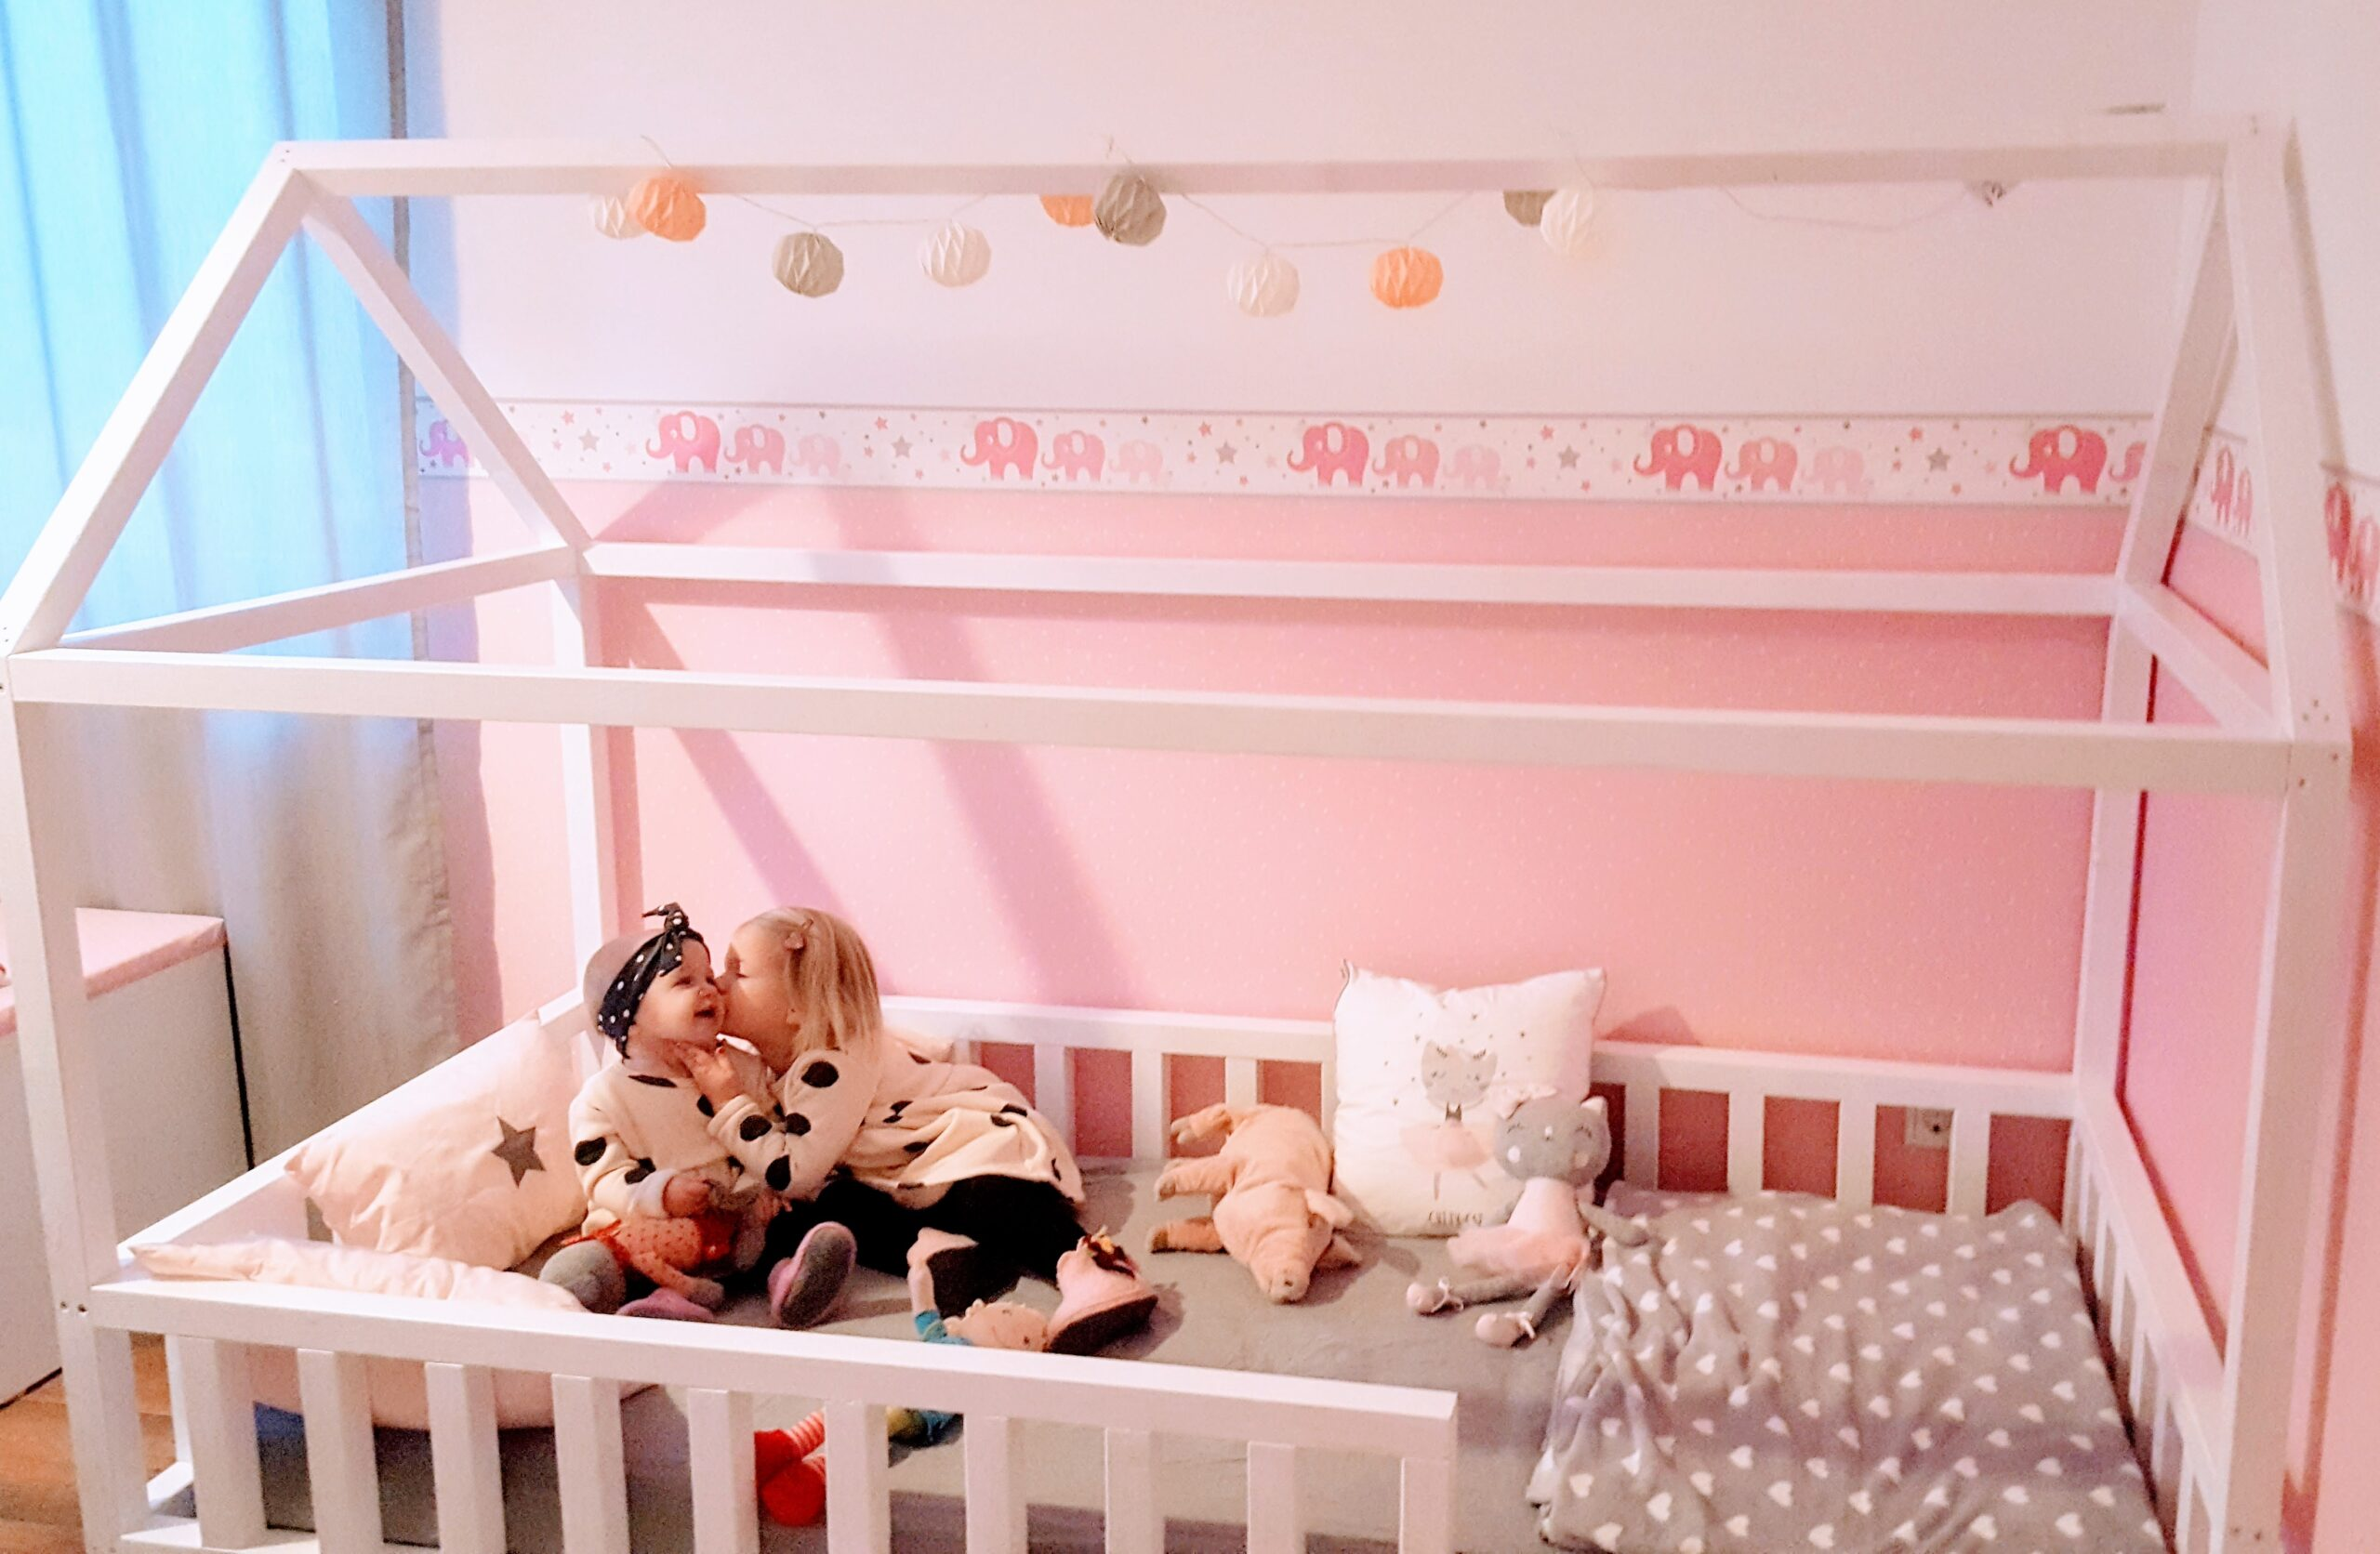 Full Size of Kinderbett Diy Kinderbetten Rausfallschutz Bett Obi Haus Bauanleitung Anleitung Ideen Ikea Hausbett Baldachin Fr Wohnzimmer Kinderbett Diy